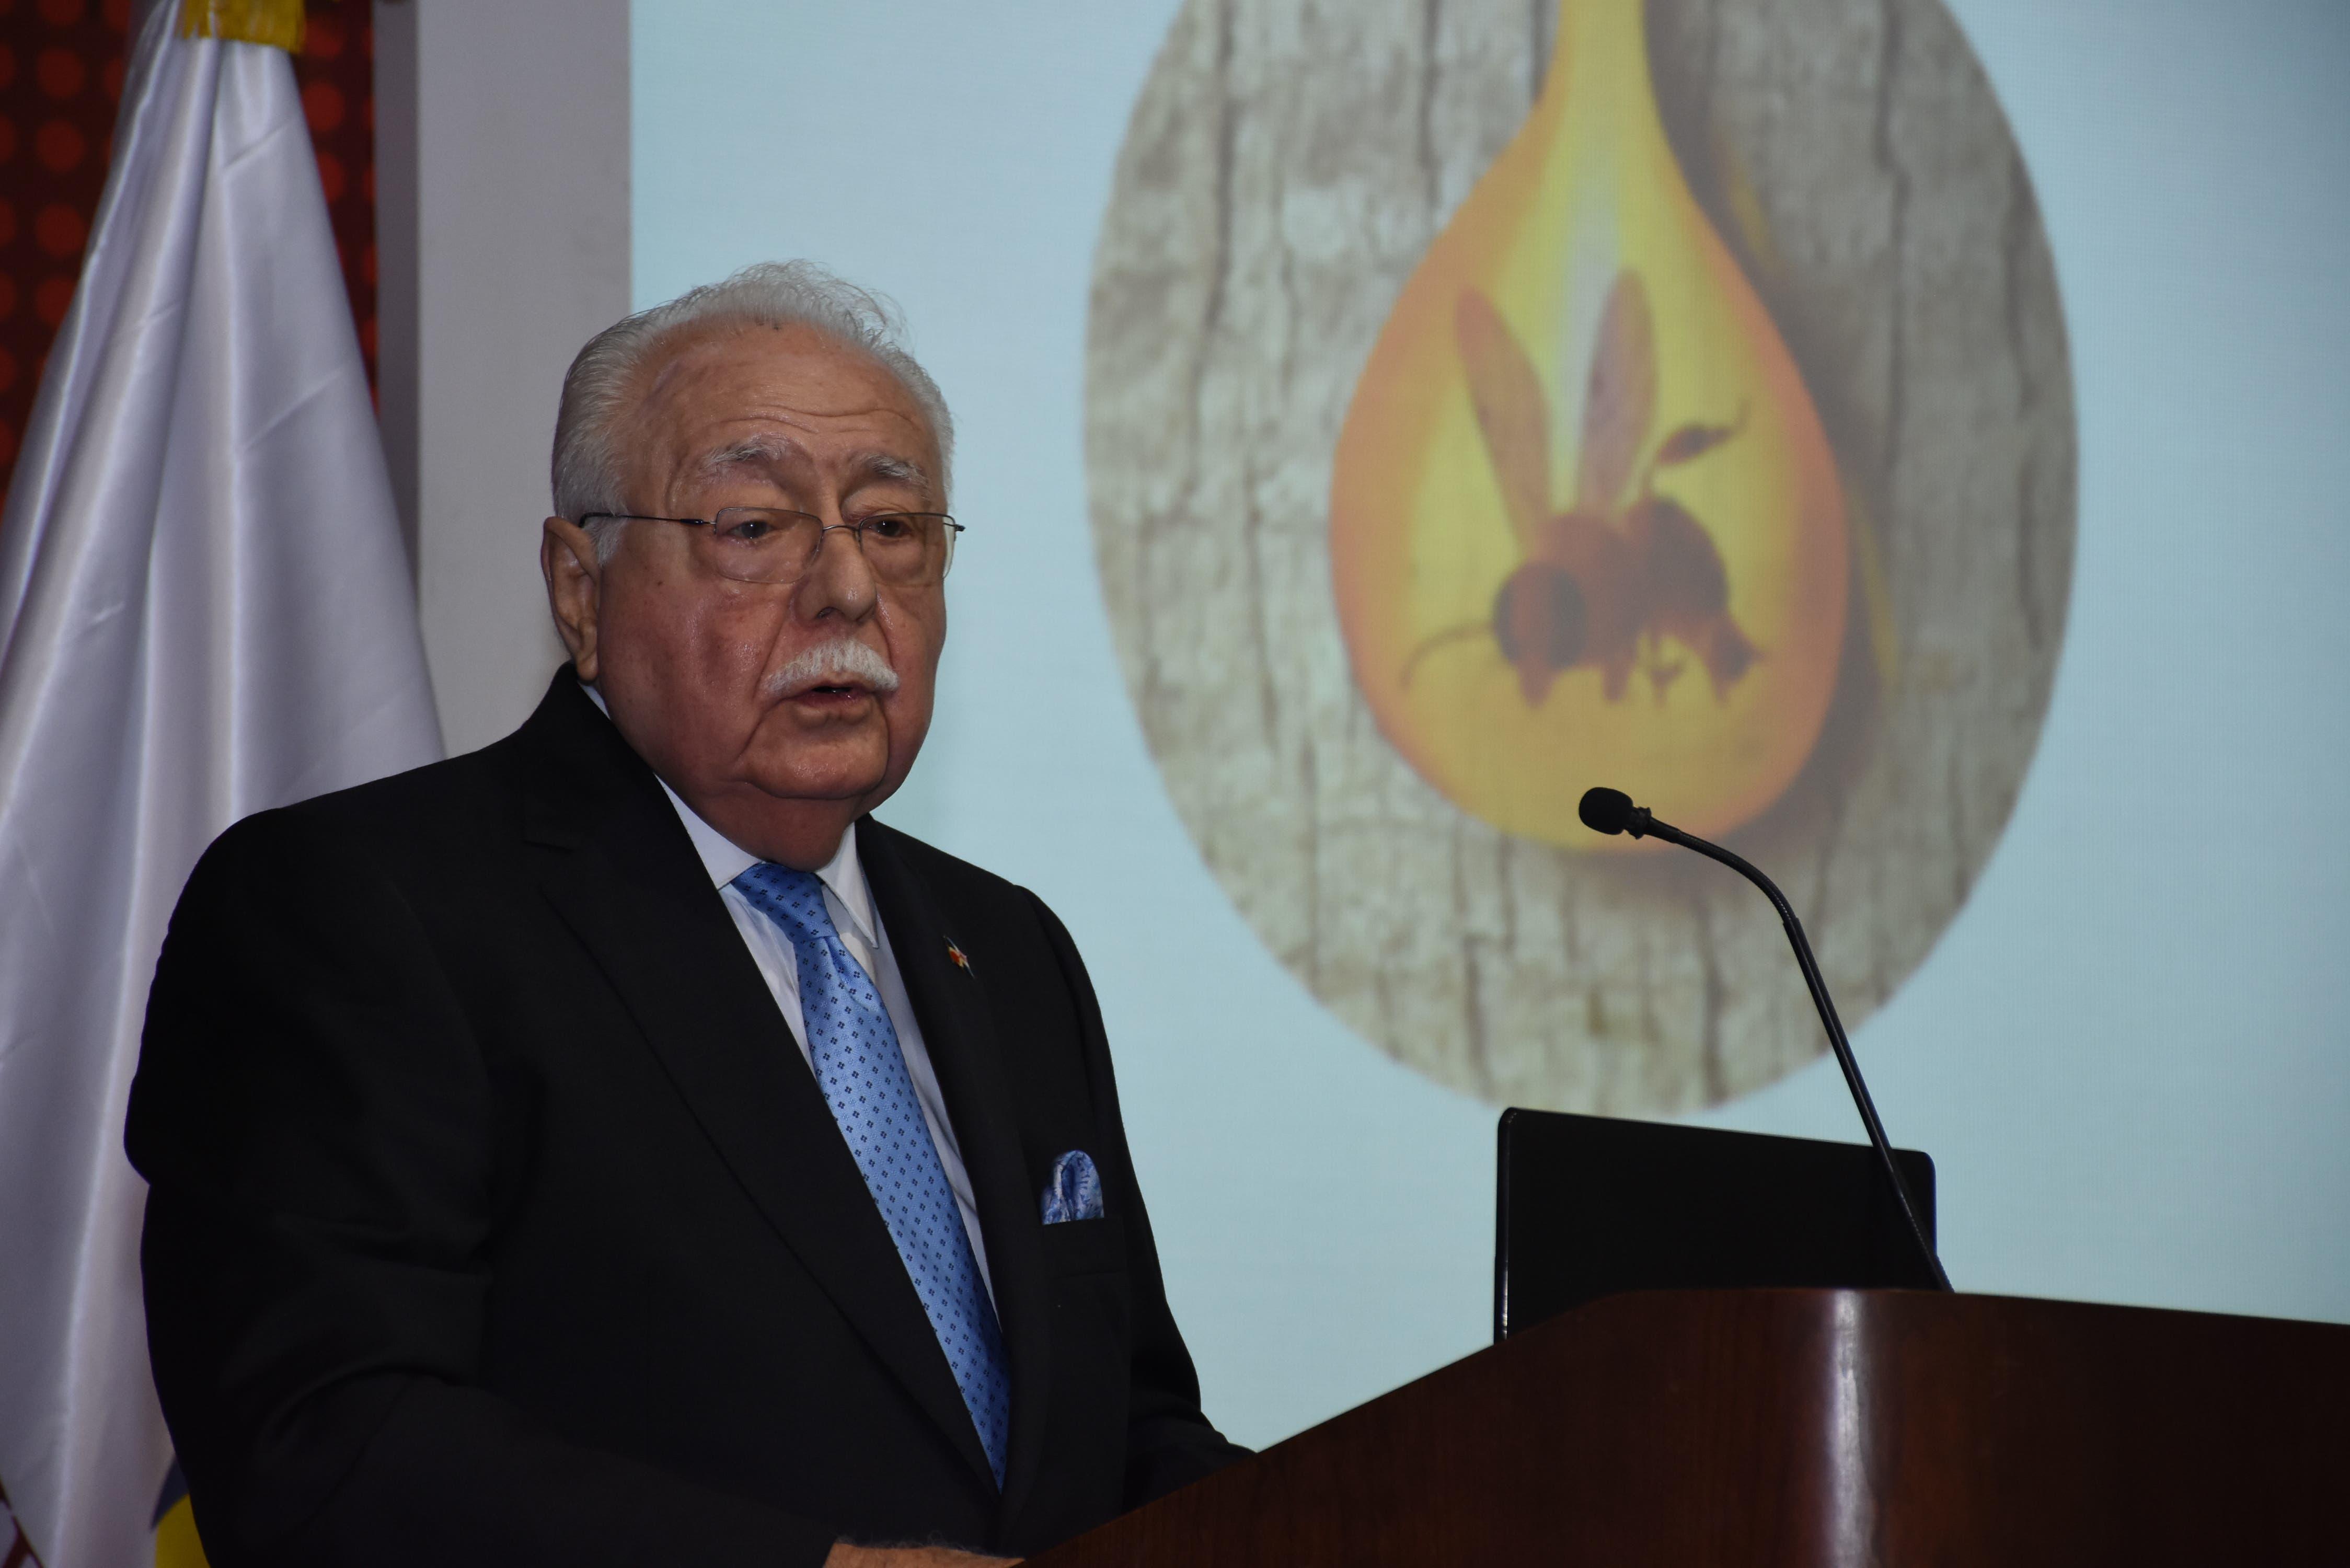 Ministro de Energía y Minas resalta ante comunidad científica esfuerzos del gobierno para promover el ámbar